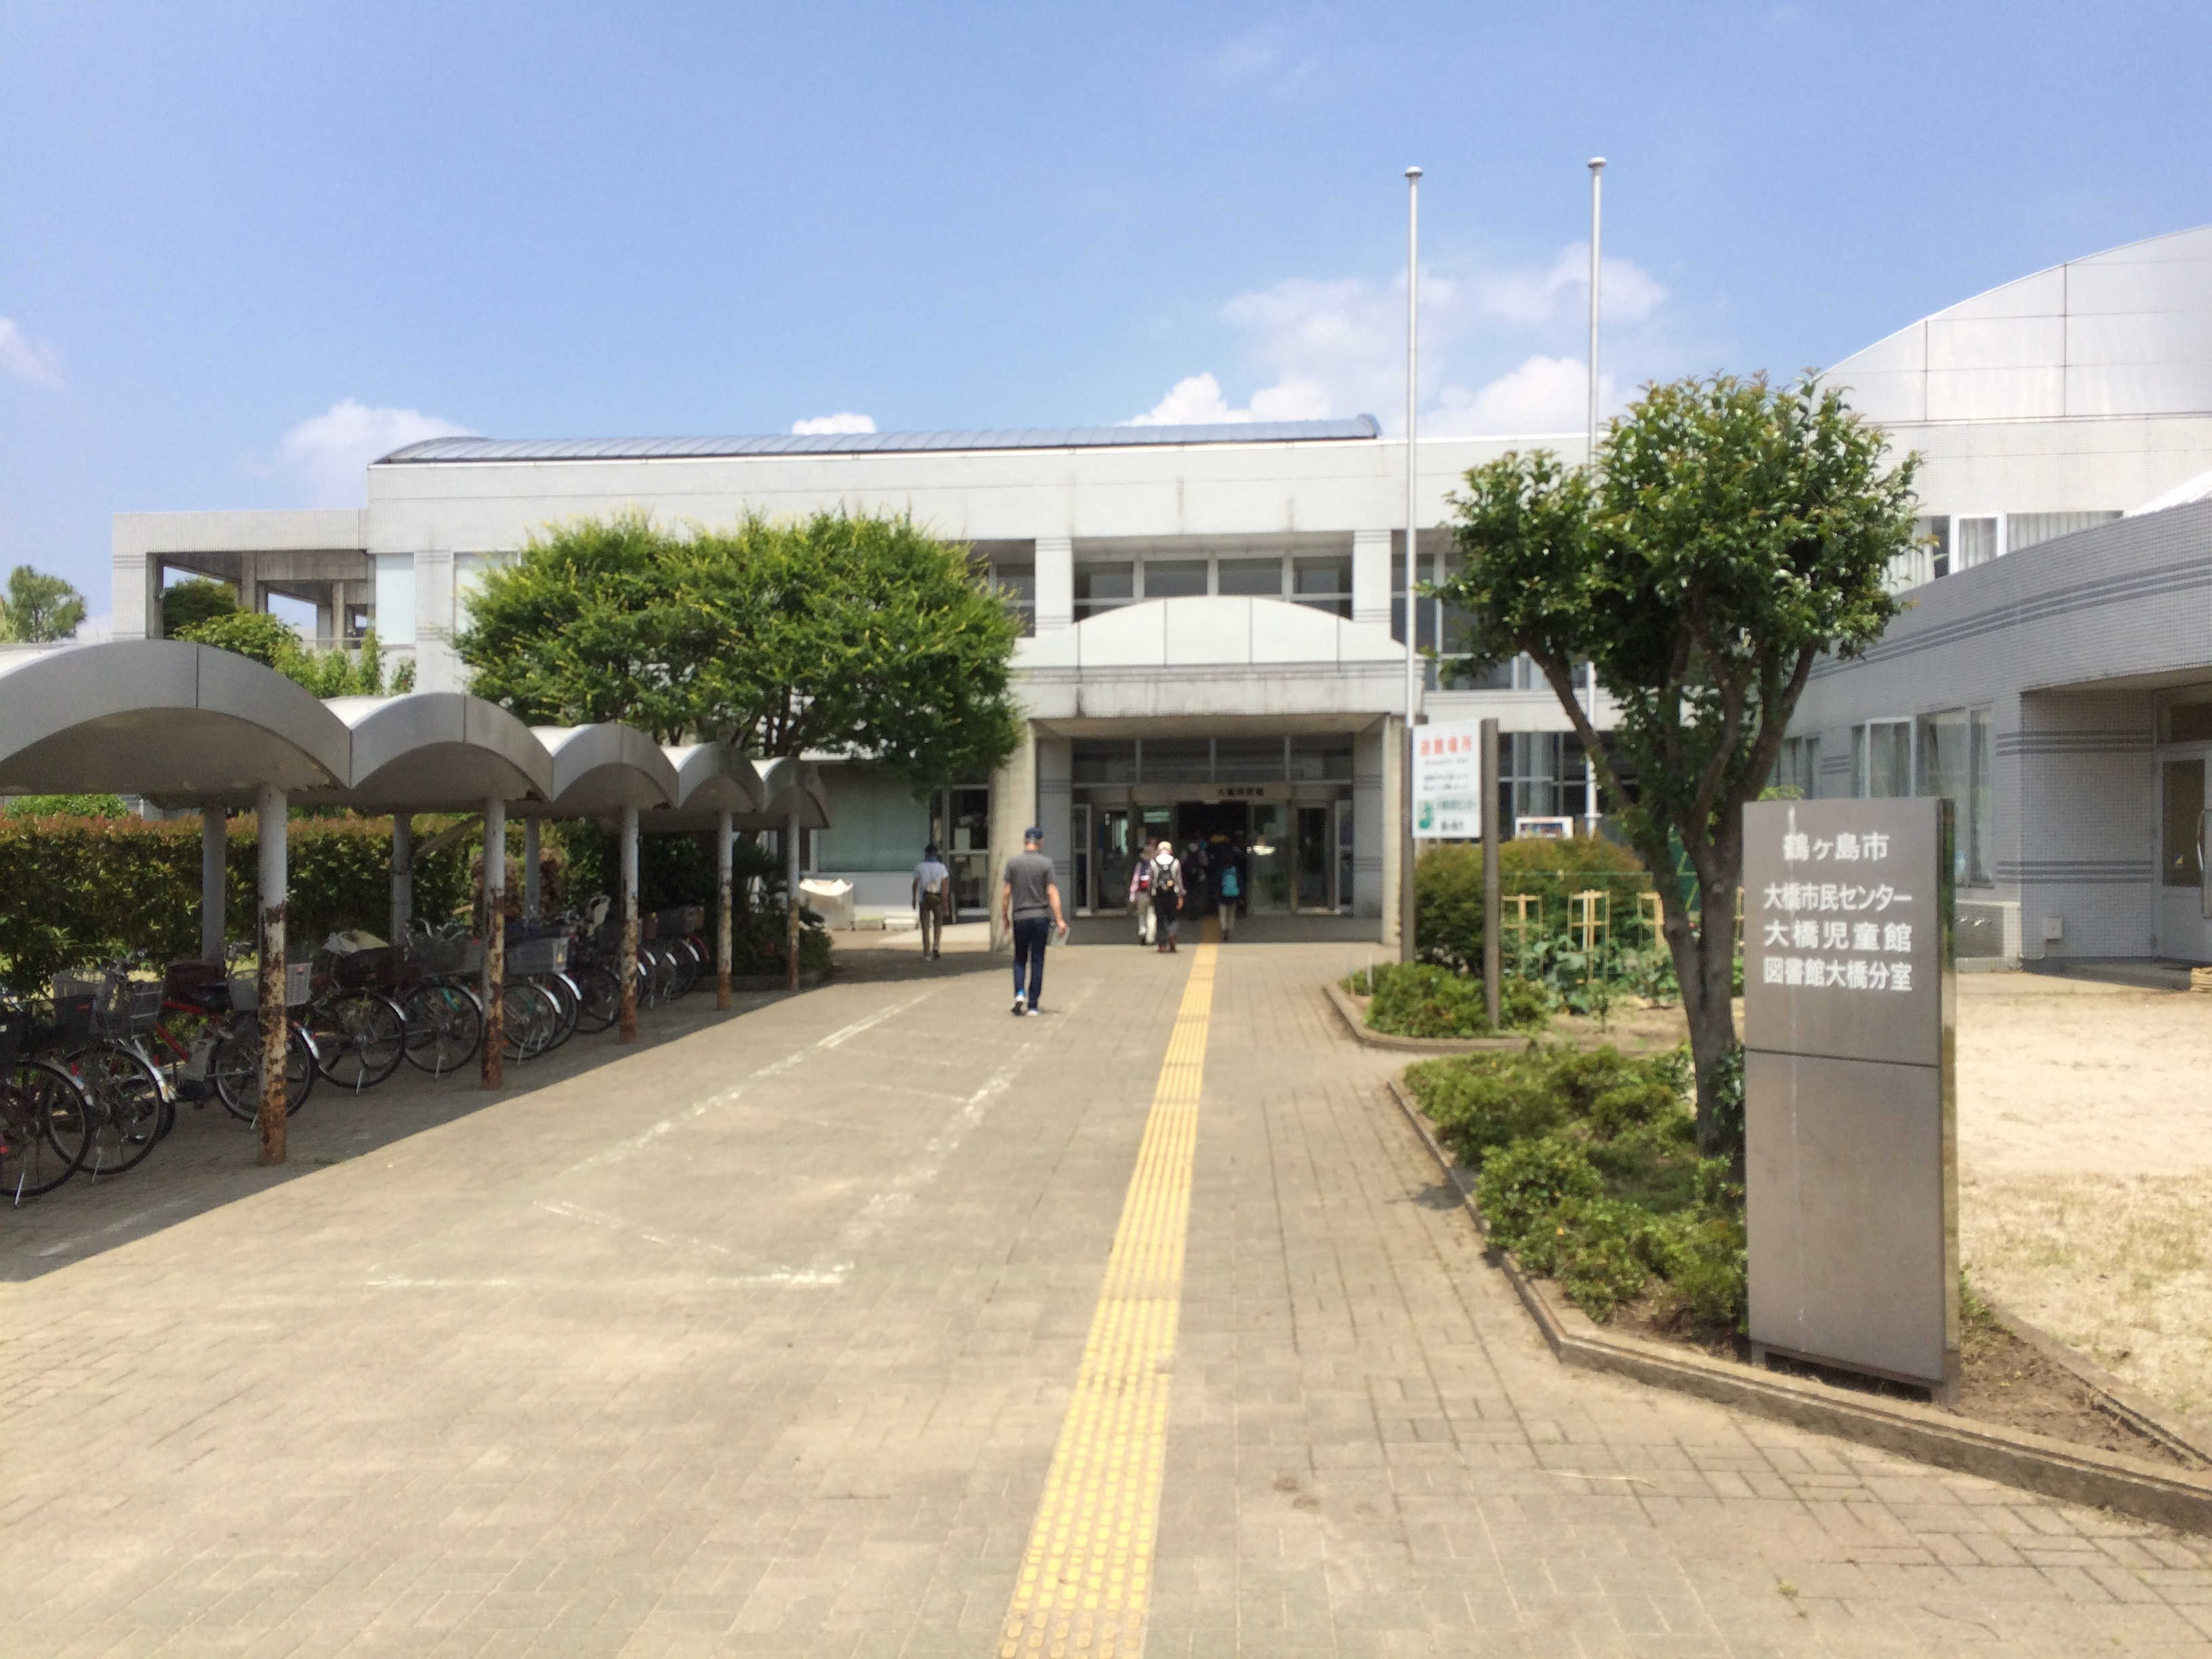 鶴ヶ島市・大橋市民センター